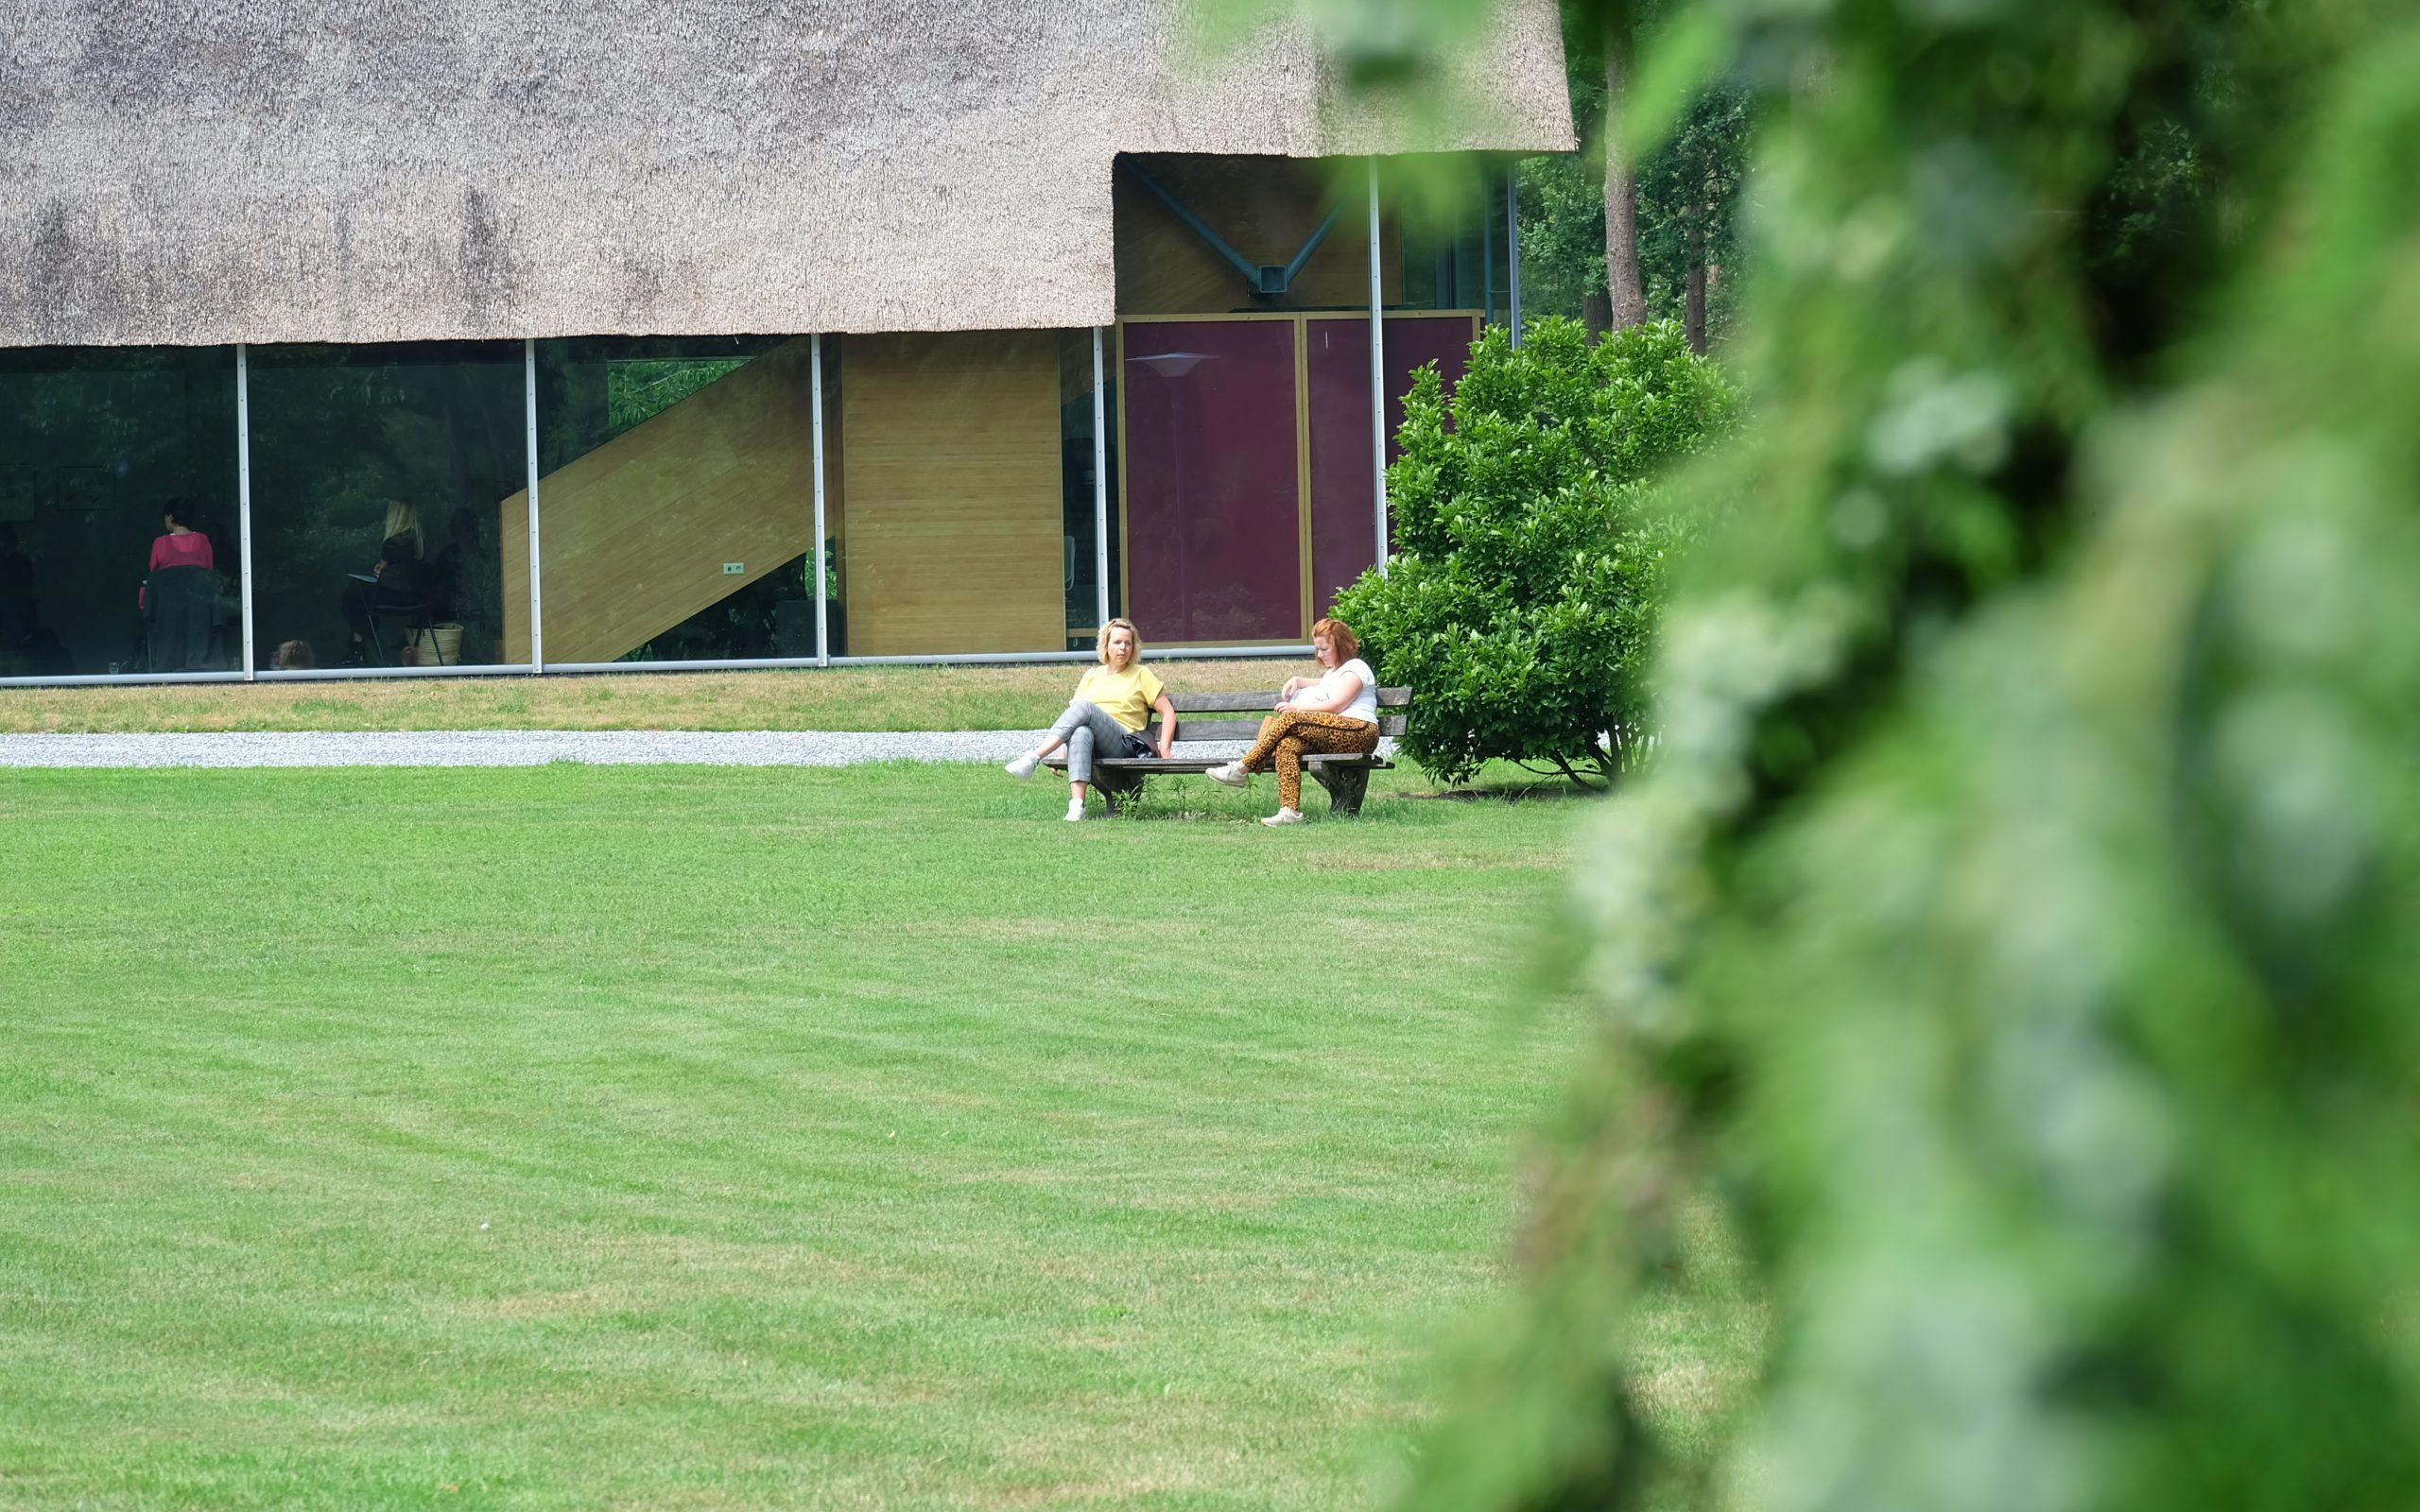 ACT Onderwijs Kloosterhotel ZIN gevoel samen buiten contact rust groen